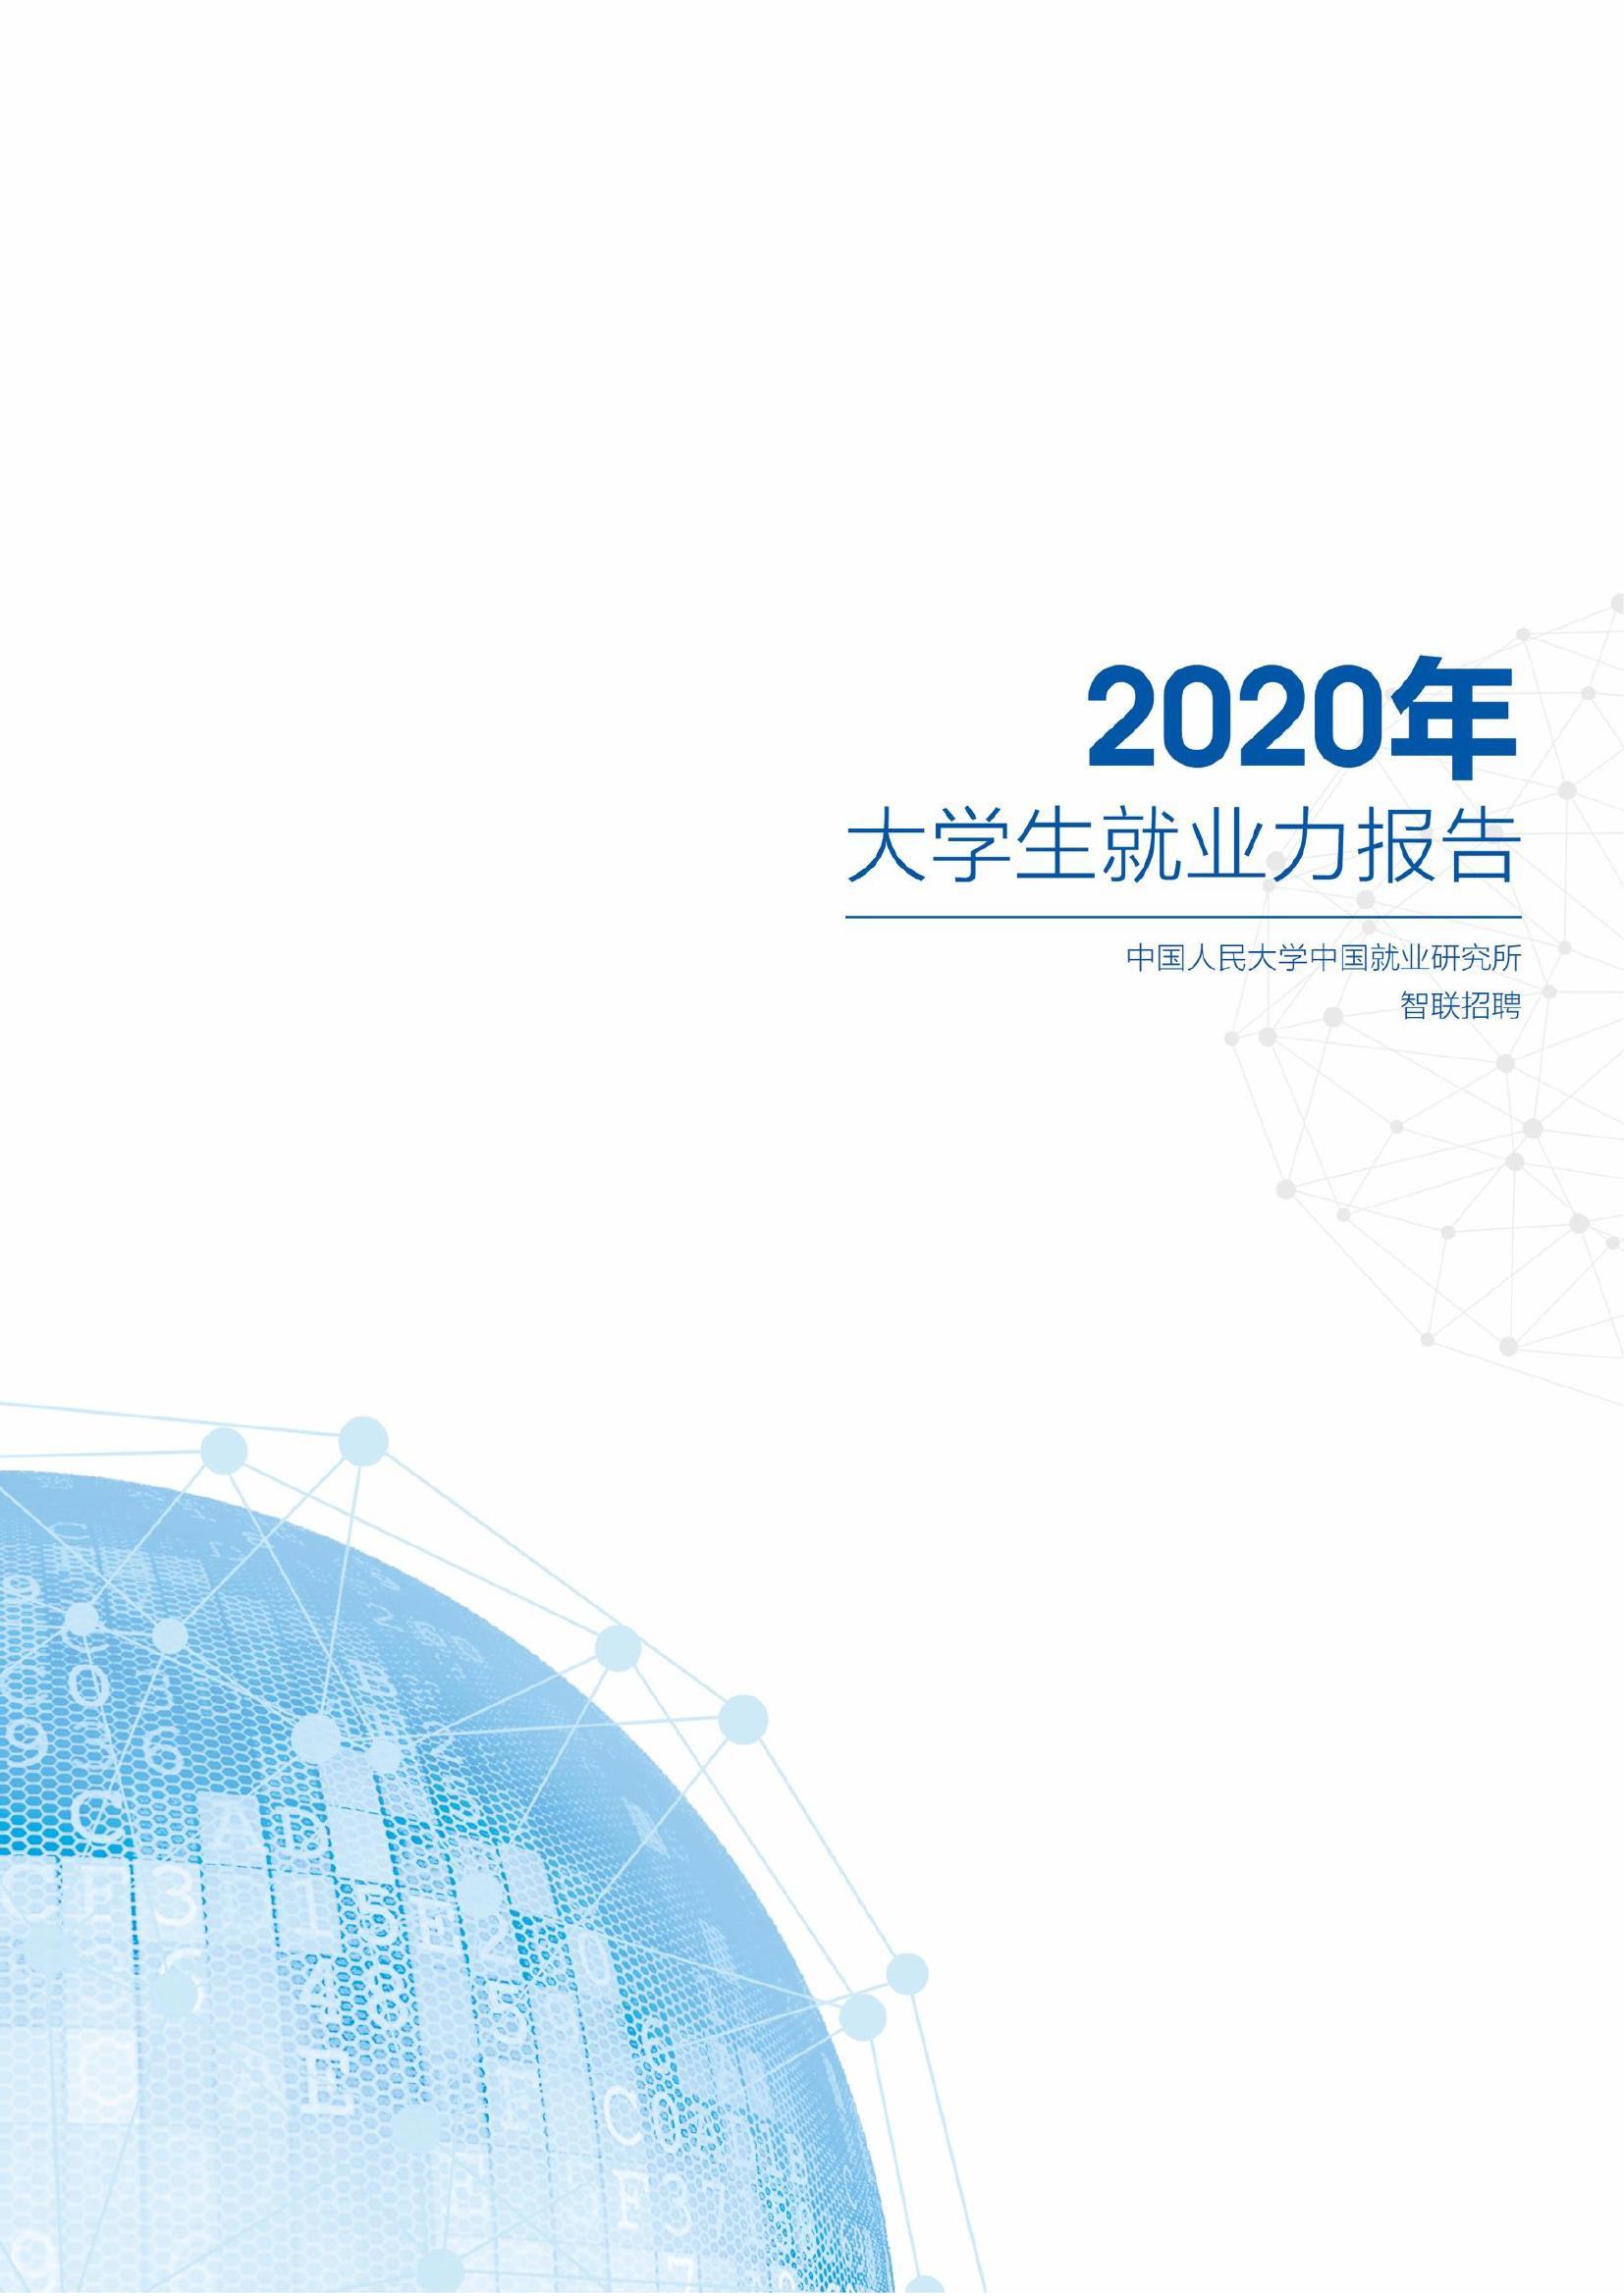 中国人民大学&智联招聘:2020年大学生就业力报告